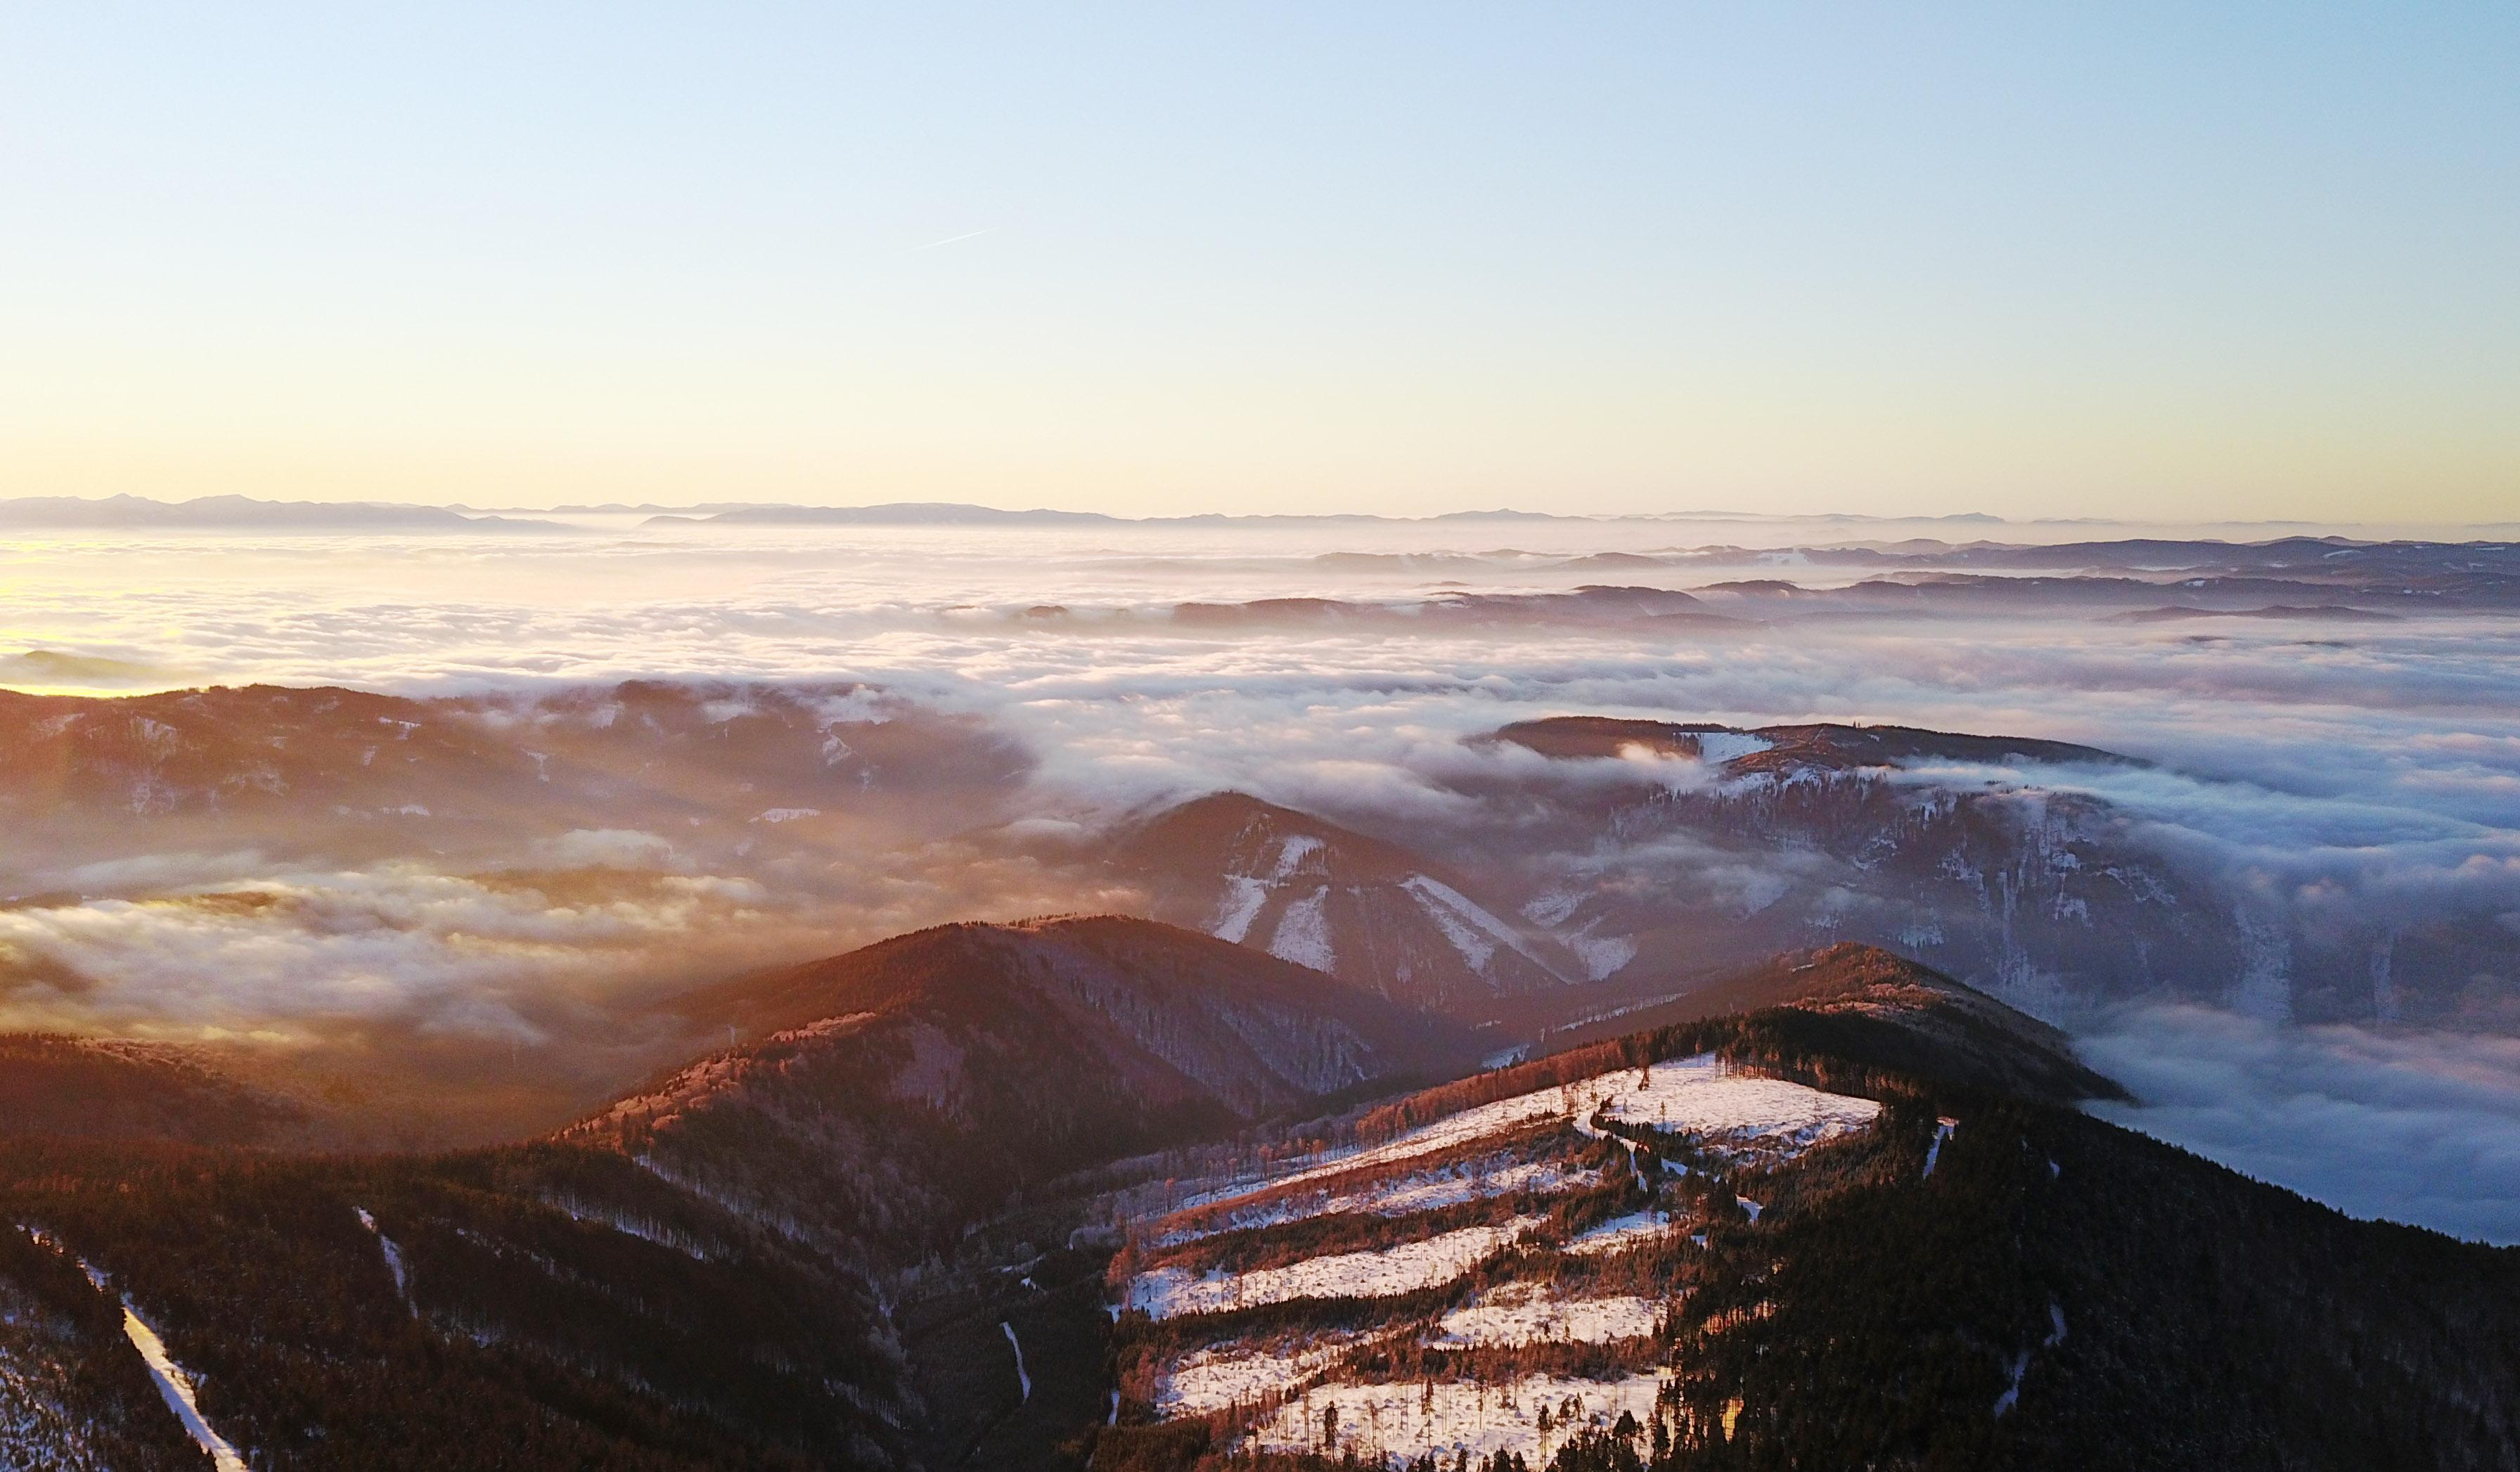 Lysá Hora letecky DJI Mavic Pro zkušenosti a test, Lukáš Budínský